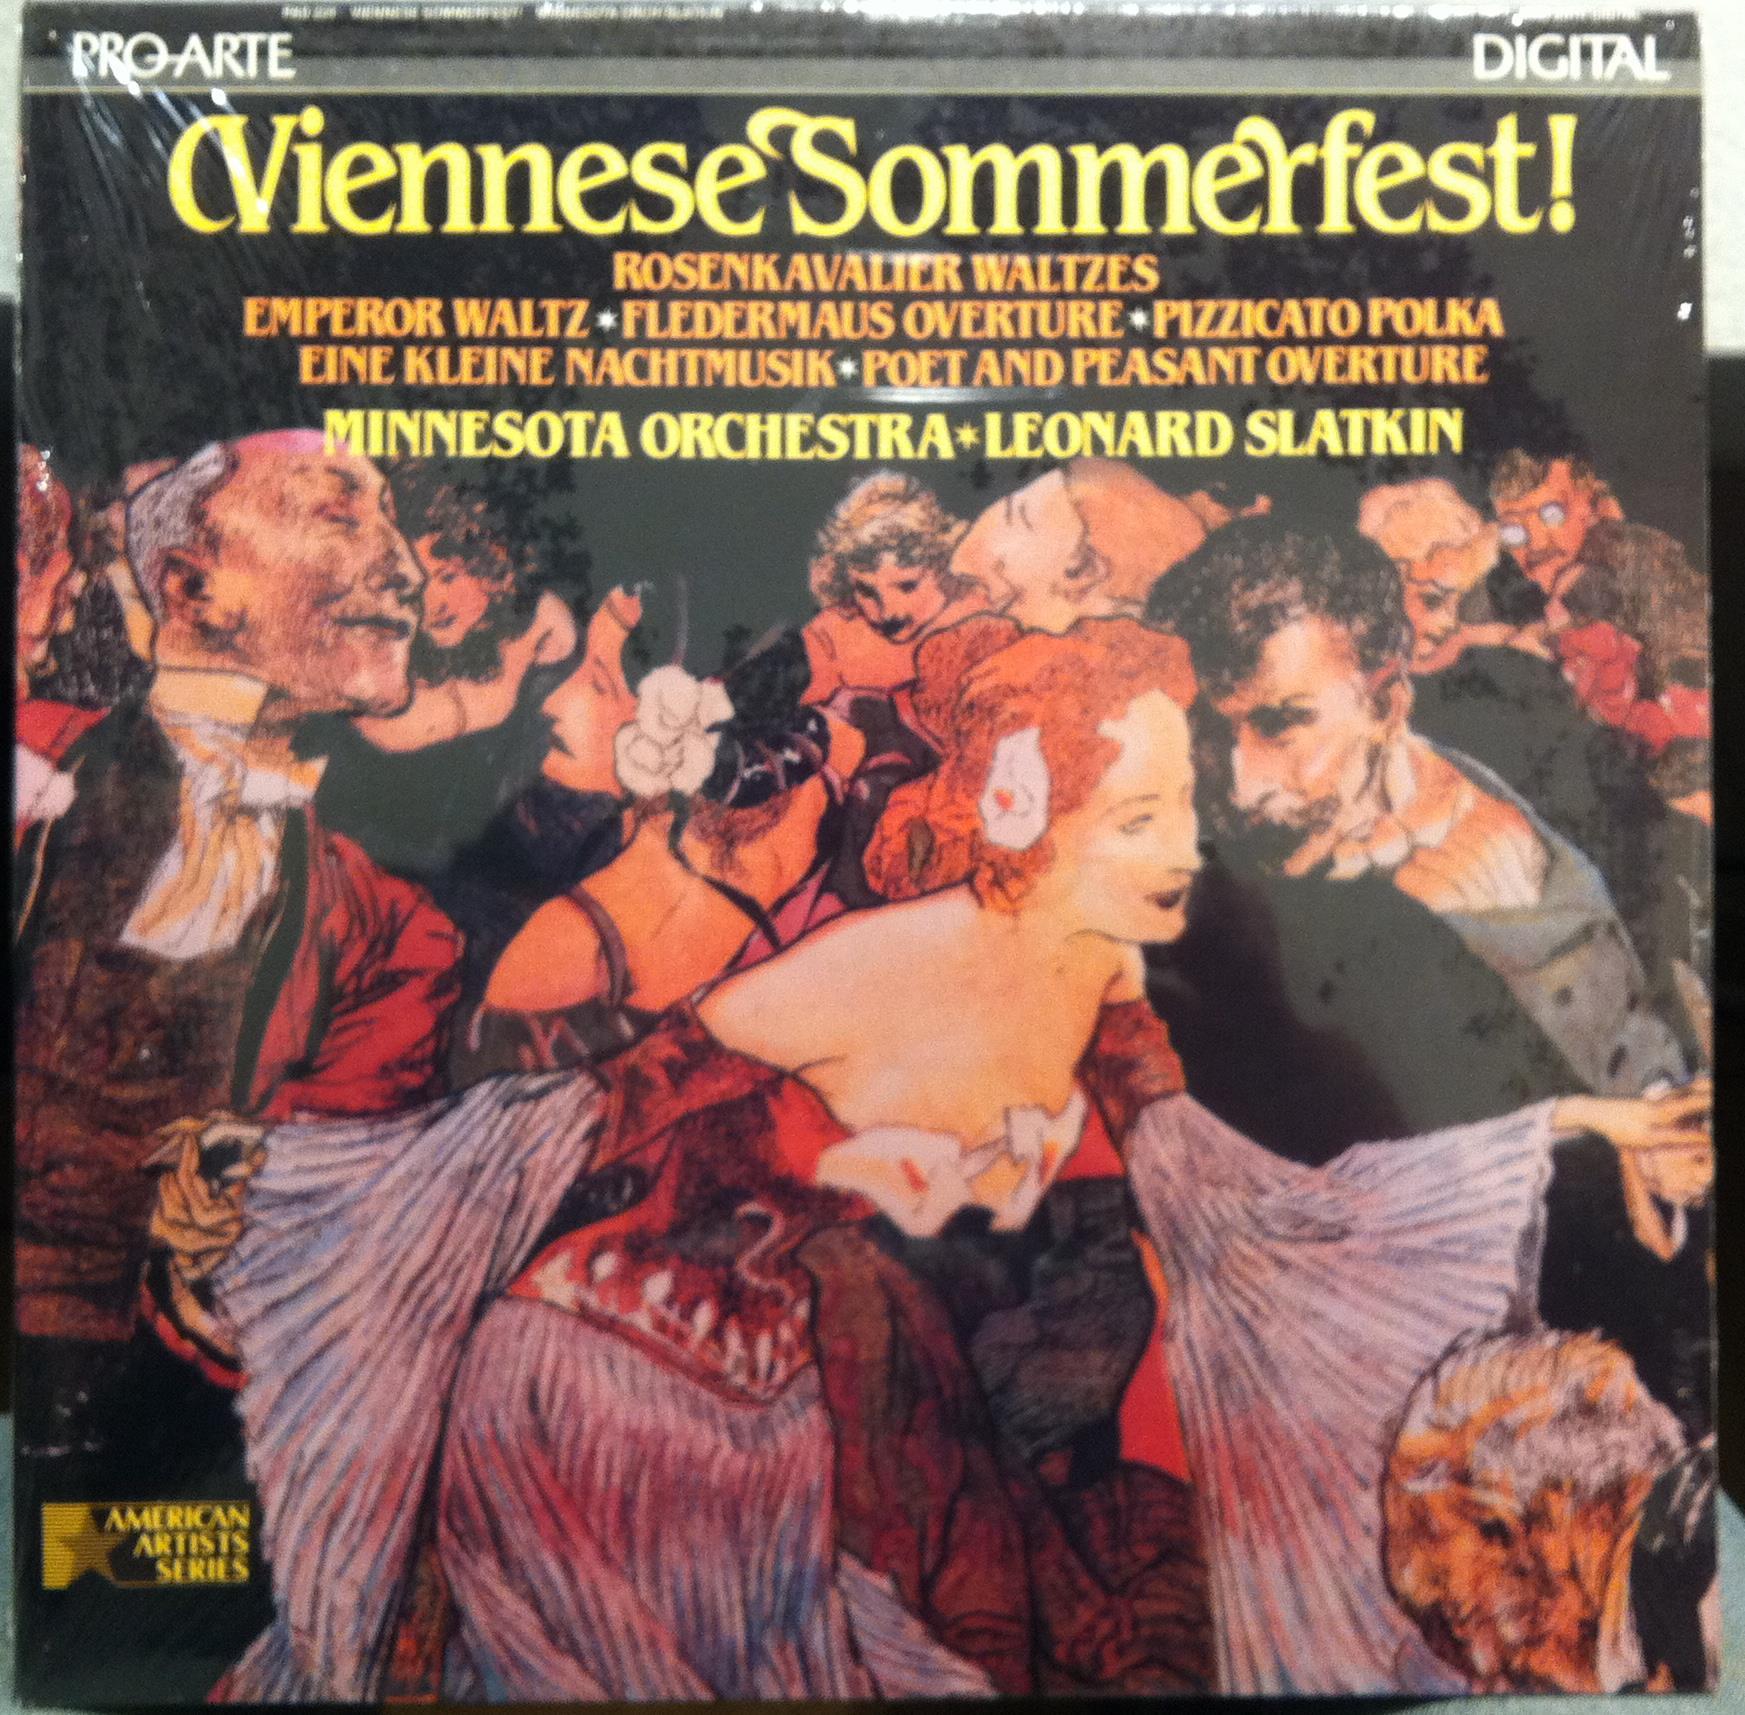 Viennese Sommerfest